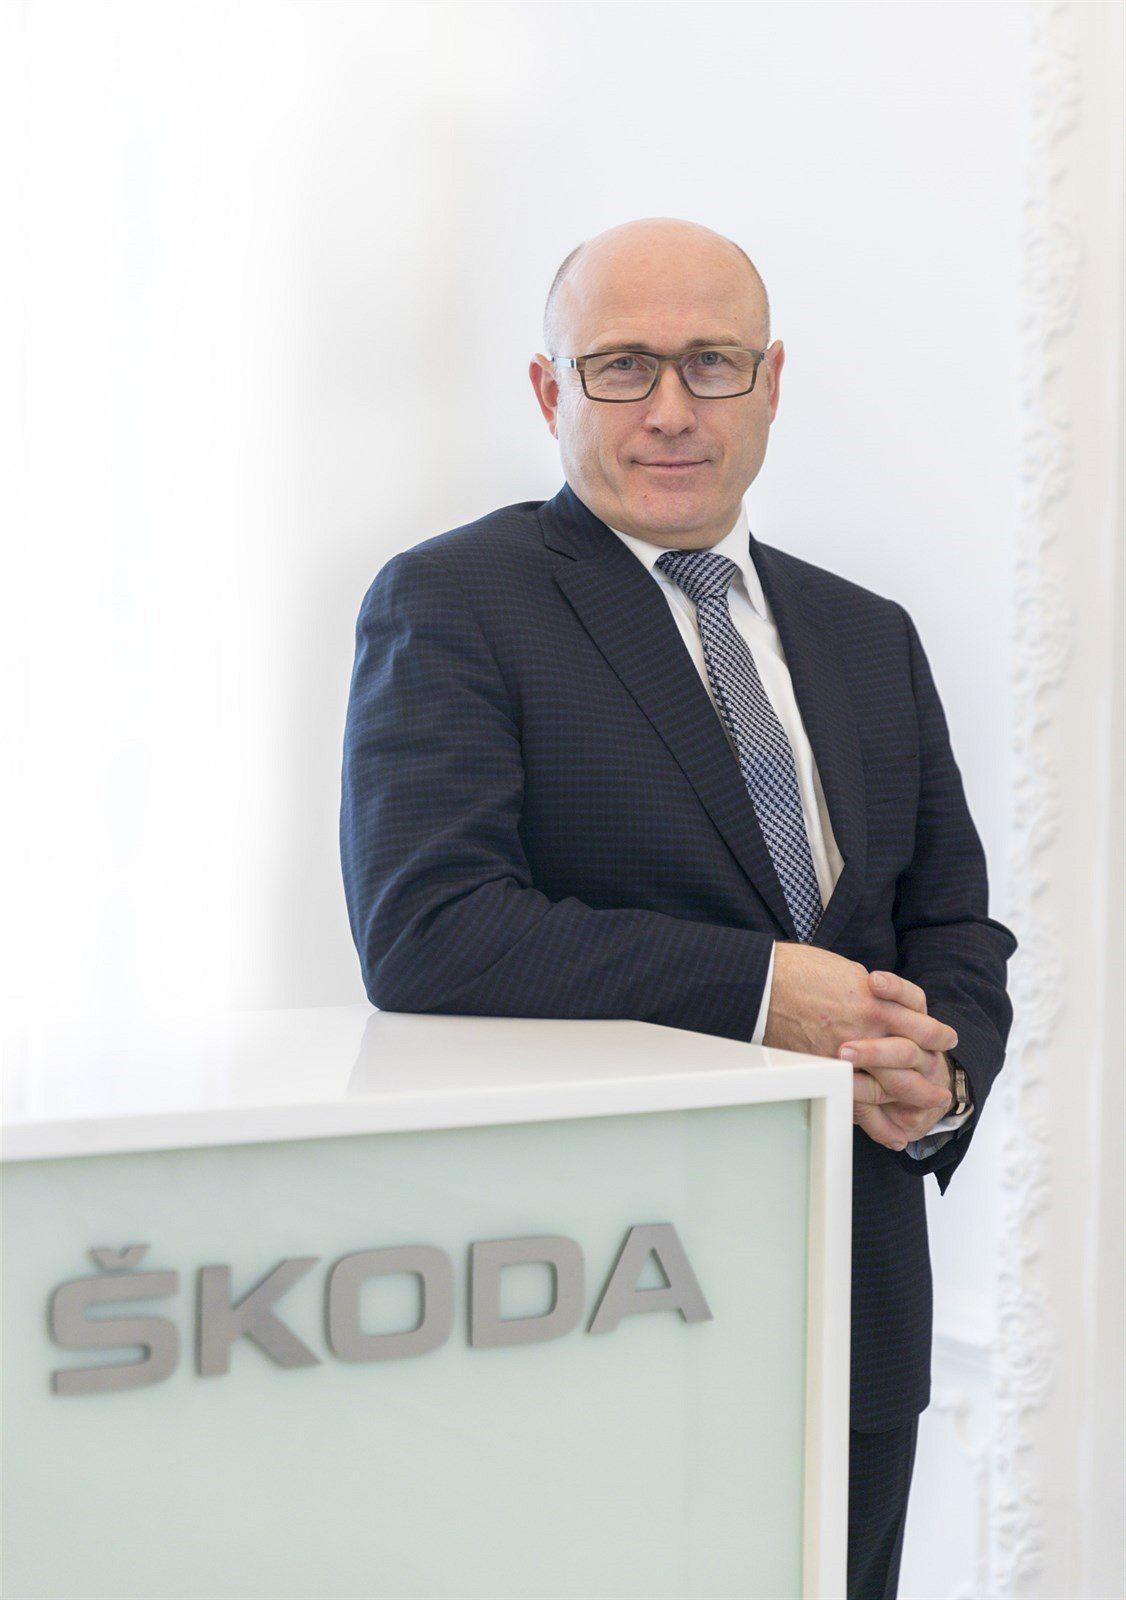 Egy új ŠKODA modell születése